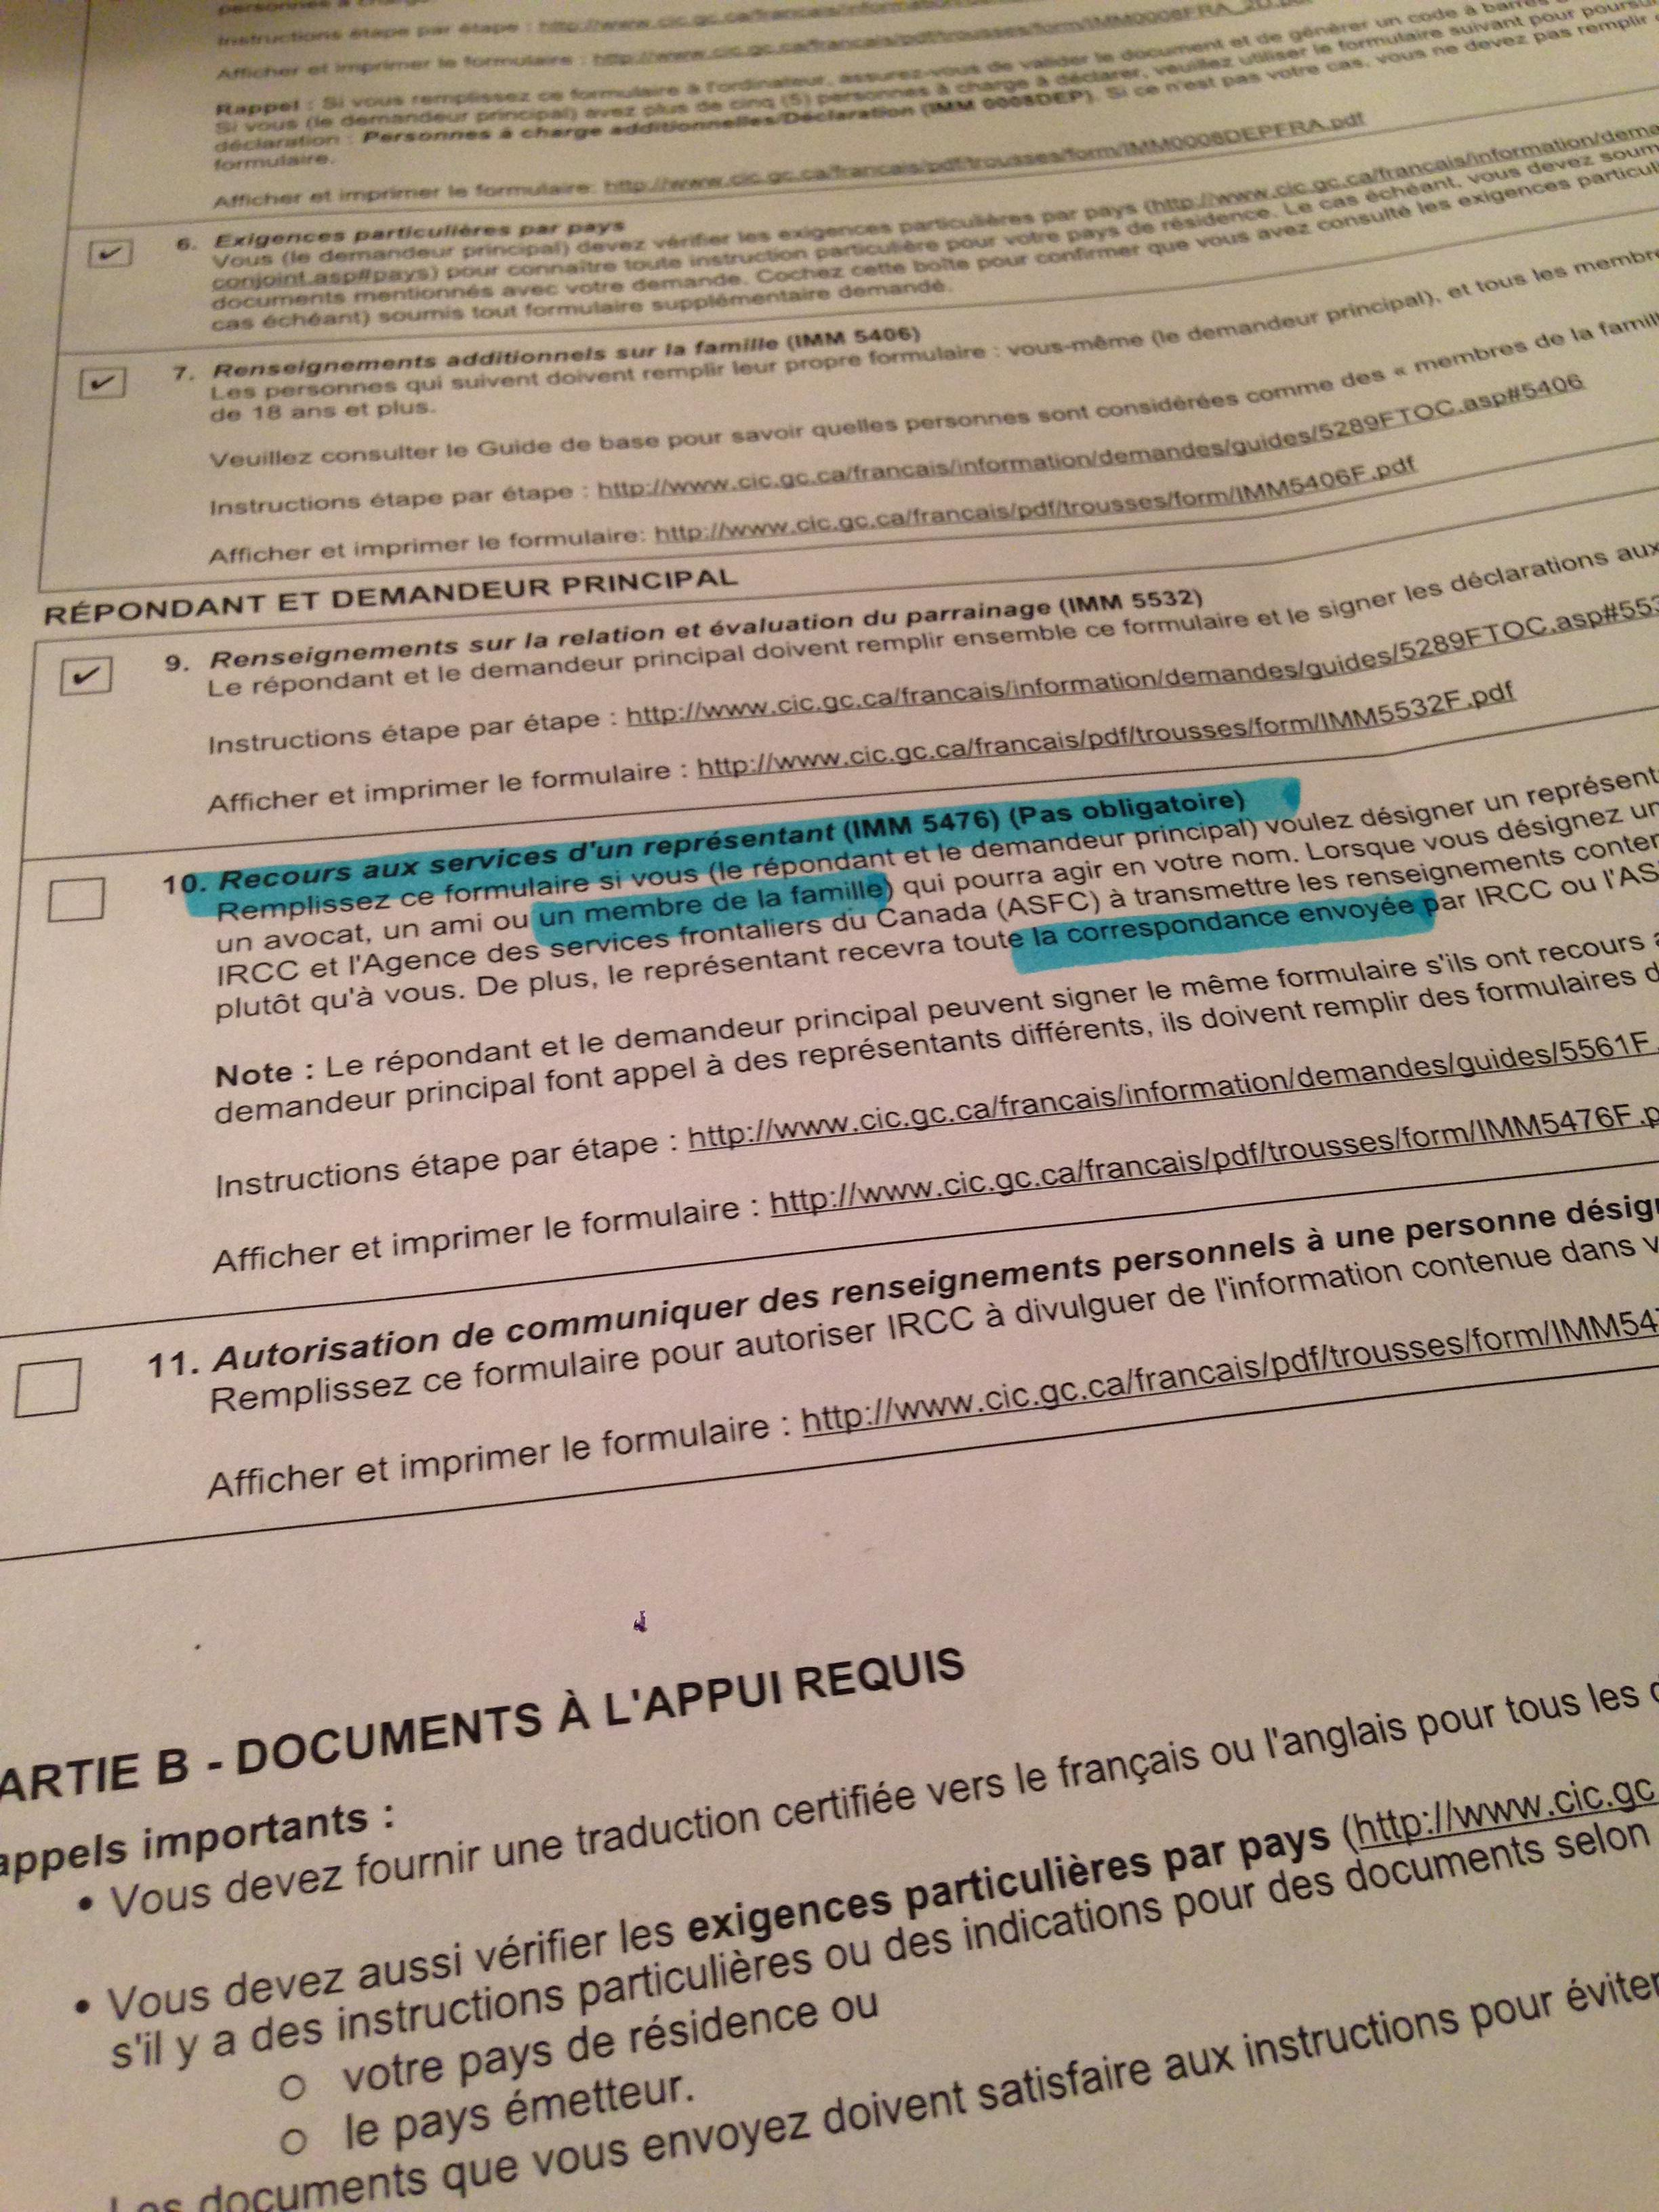 Parrainage nouvelle trousse 2017 page 10 parrainages for Parrainage epoux exterieur canada